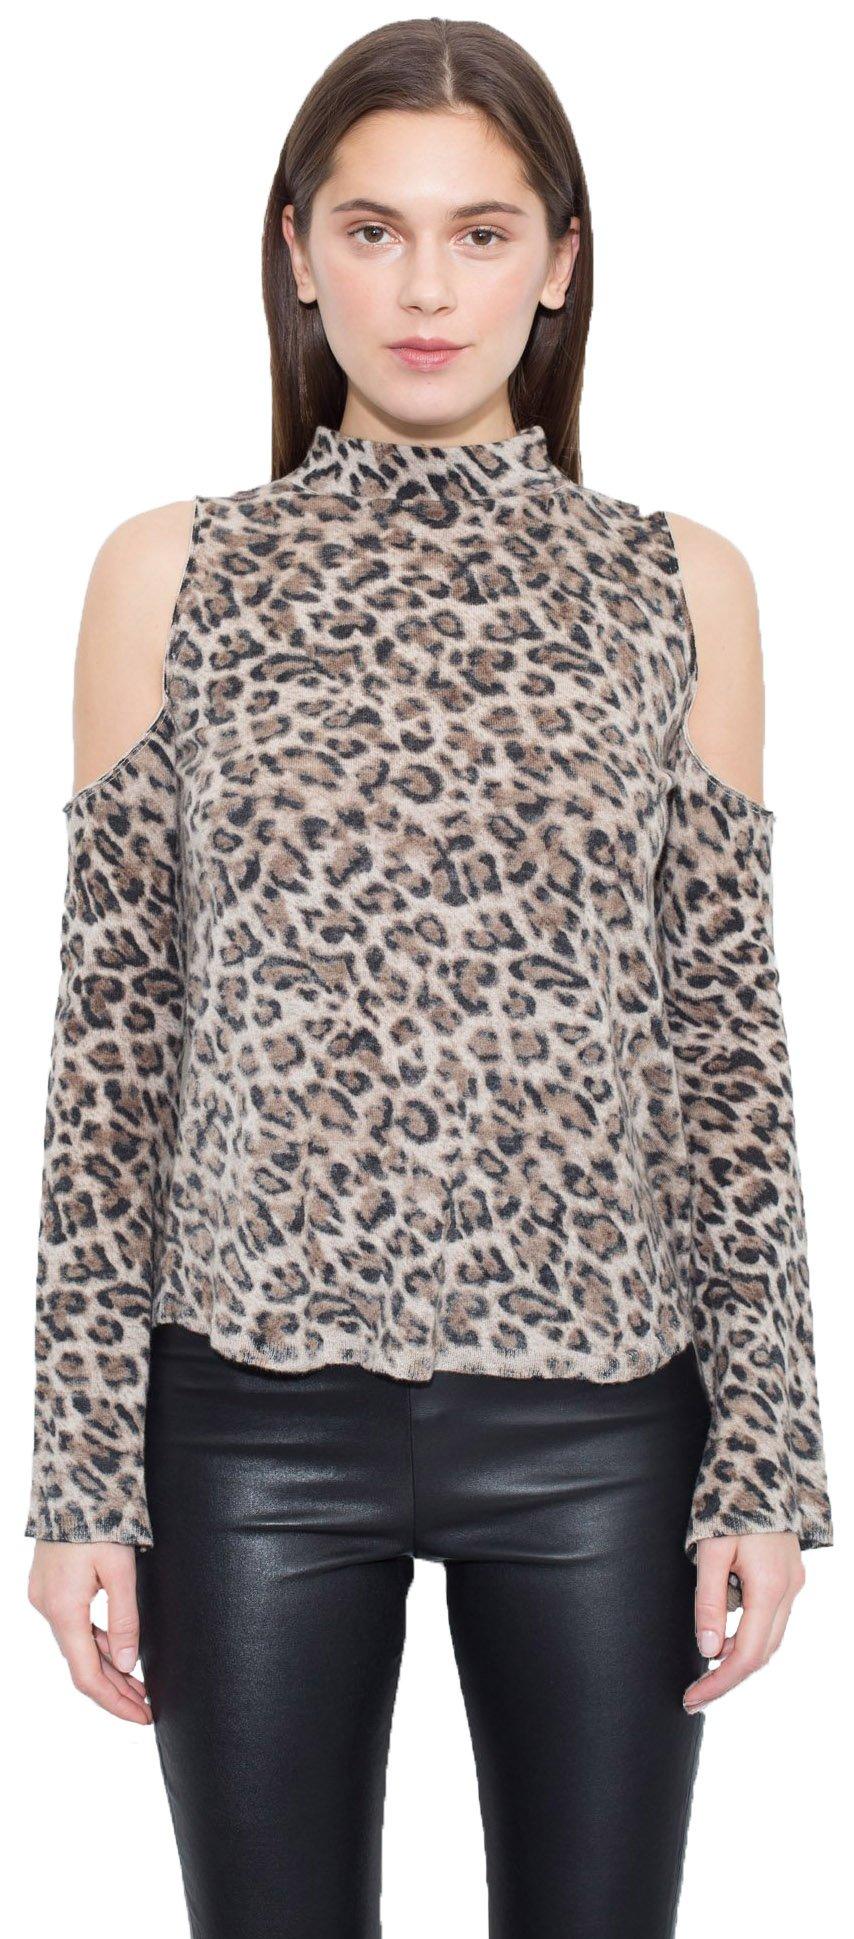 Generation Love Lena L/S Mock Neck Cold Shoulder Cashmere Sweater In Leopard, m